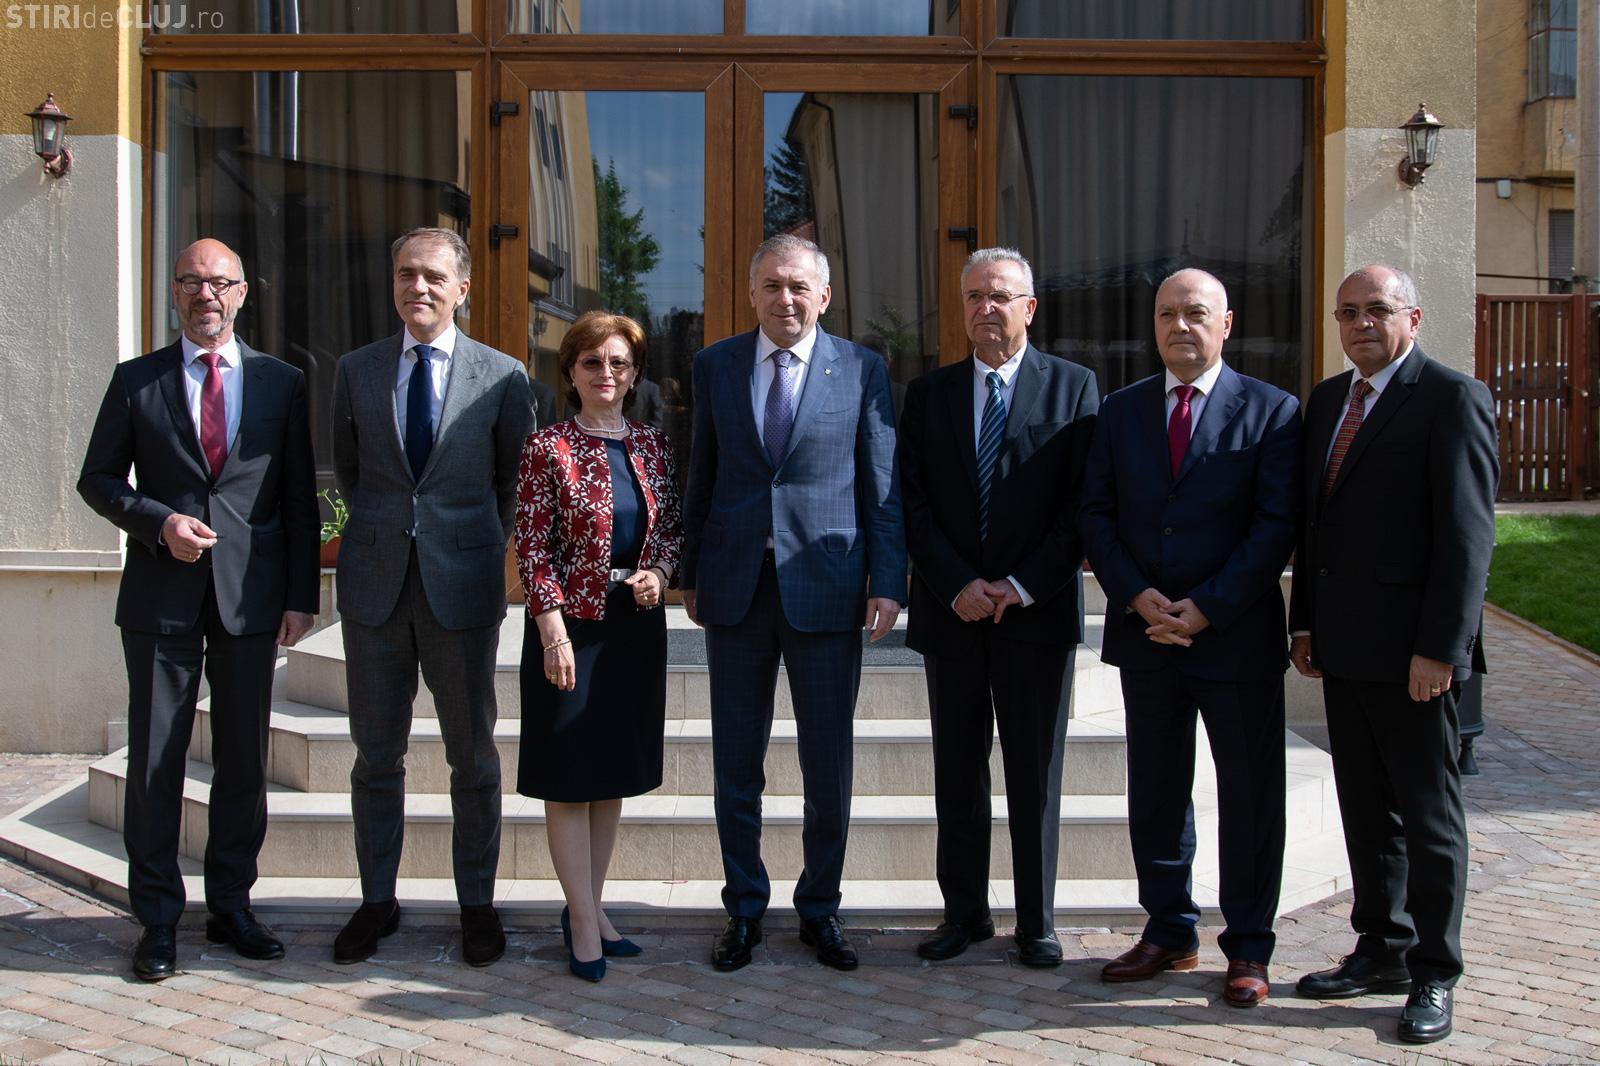 Consiliul de Administrație al Băncii Transilvania a fost reales